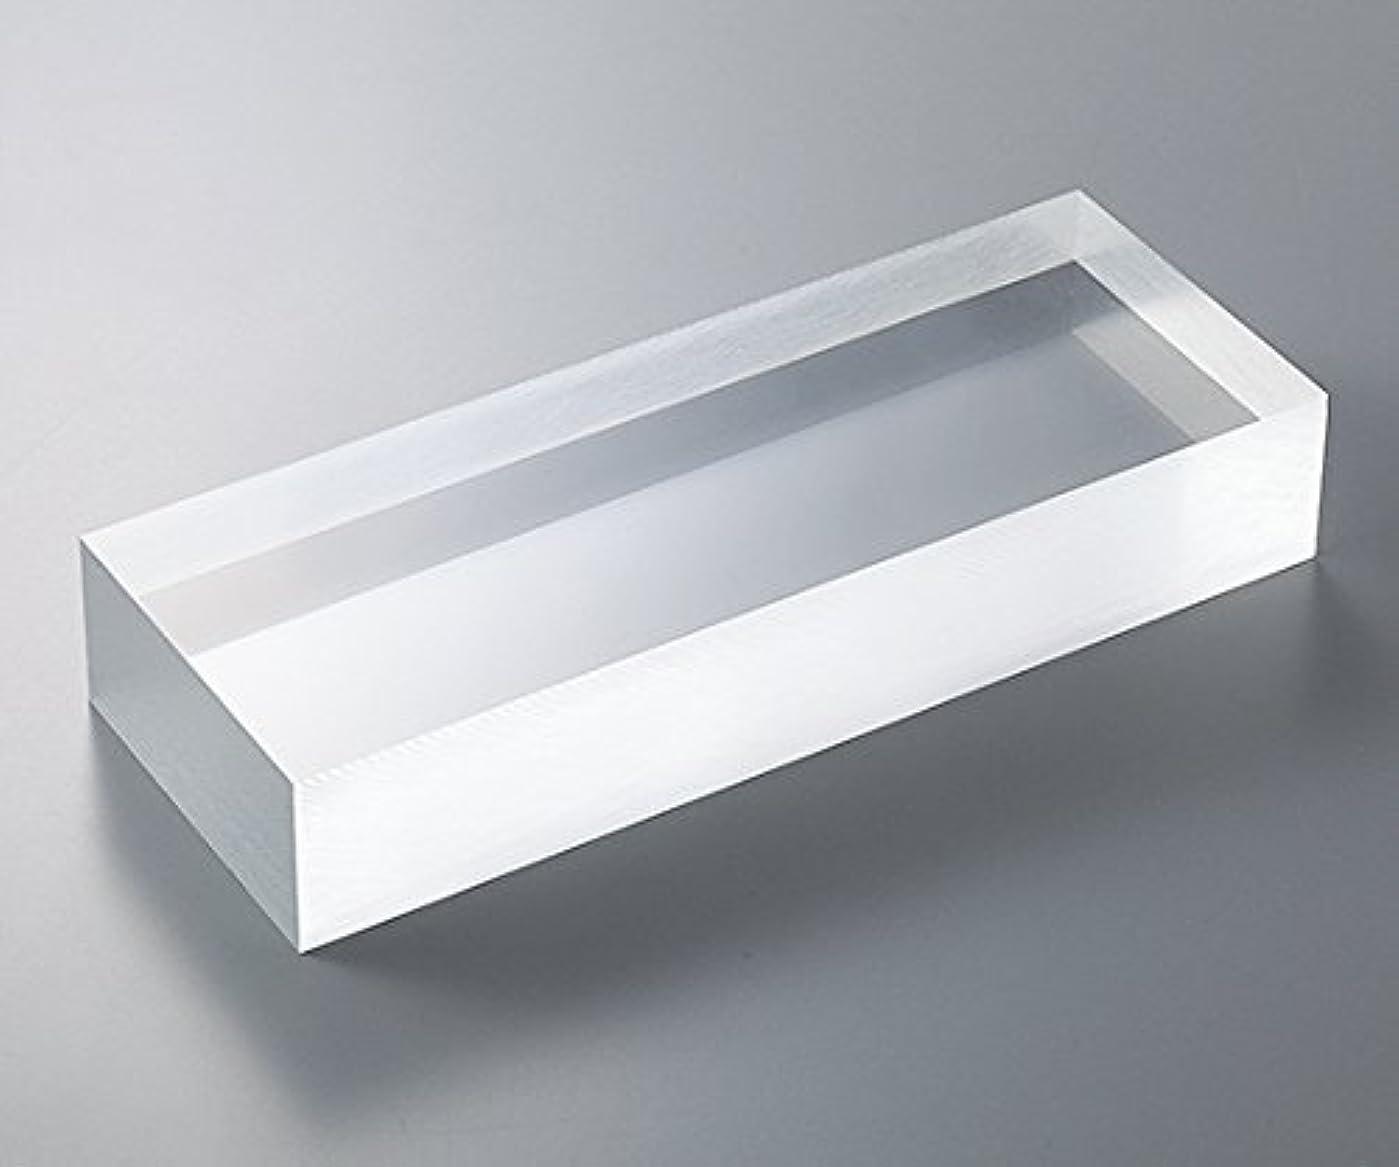 着飾る襟苦行3-6595-08アクリル板(透明厚板)100×100mm板厚80mm